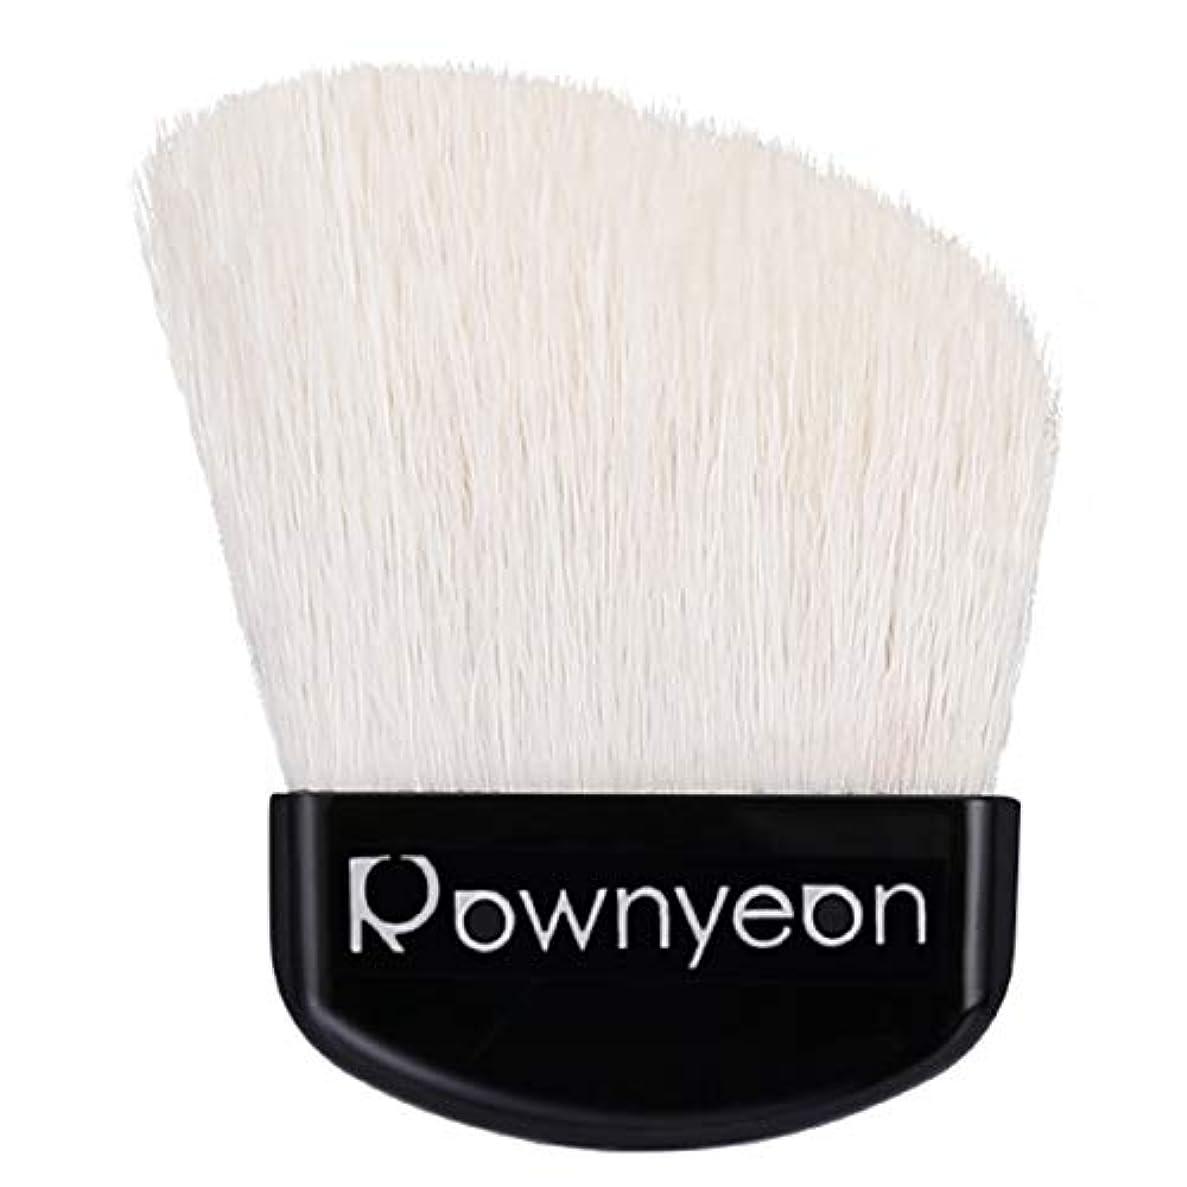 抵抗力があるオフェンス戻すRownyeon チークブラシ 携帯用 100%天然毛 ミニ パクトイン フェースブラシ パウダーブラシ 扇型 携帯便利 メイク直し 単品 収納ケース付き プレゼント ギフト